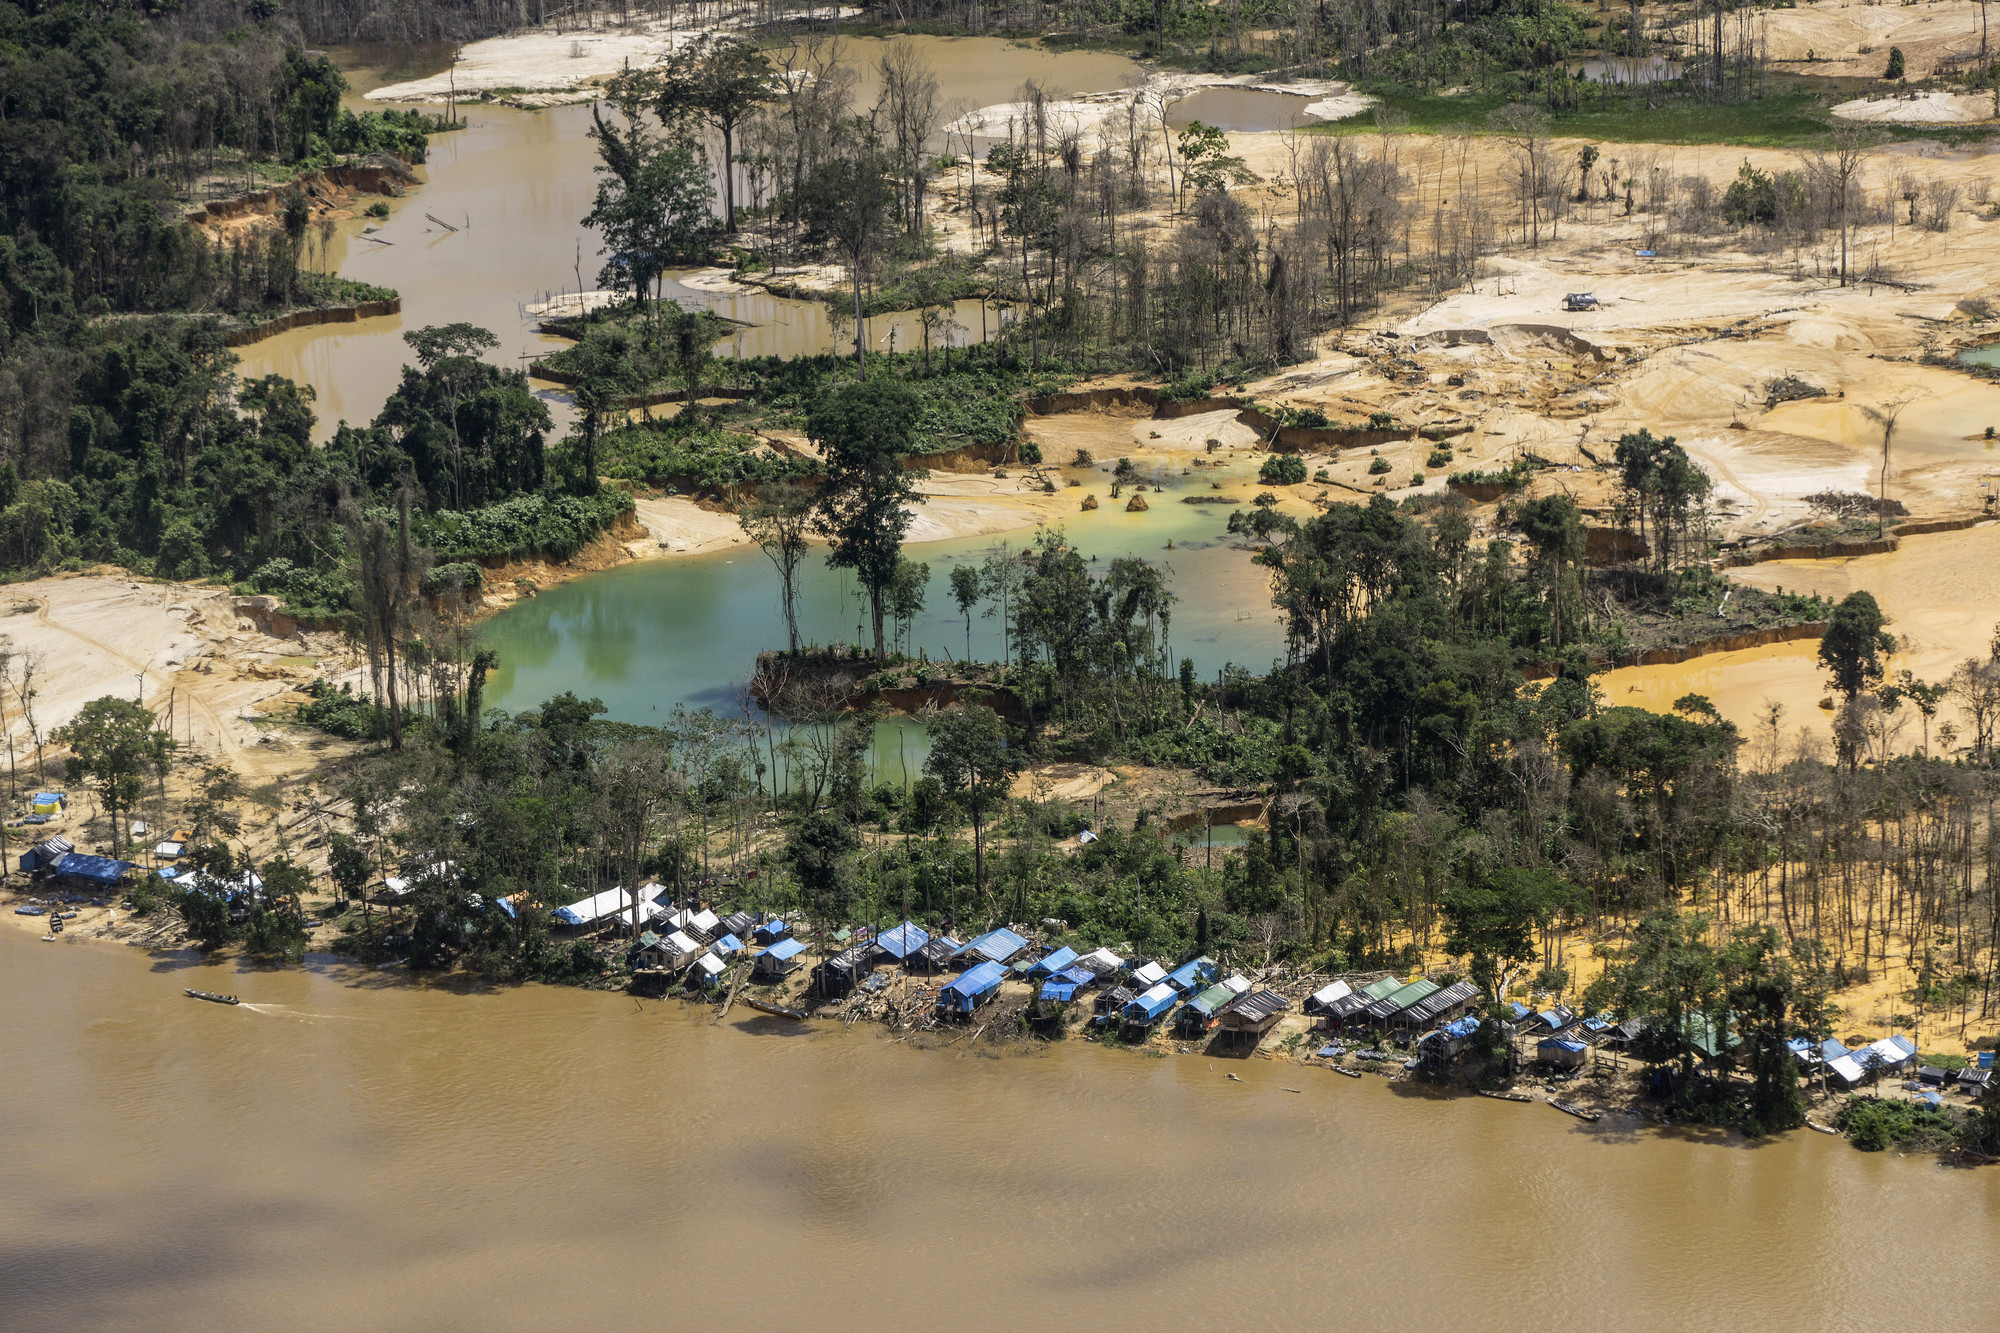 Minería ilegal: la peor devastación en la historia de la Amazonía